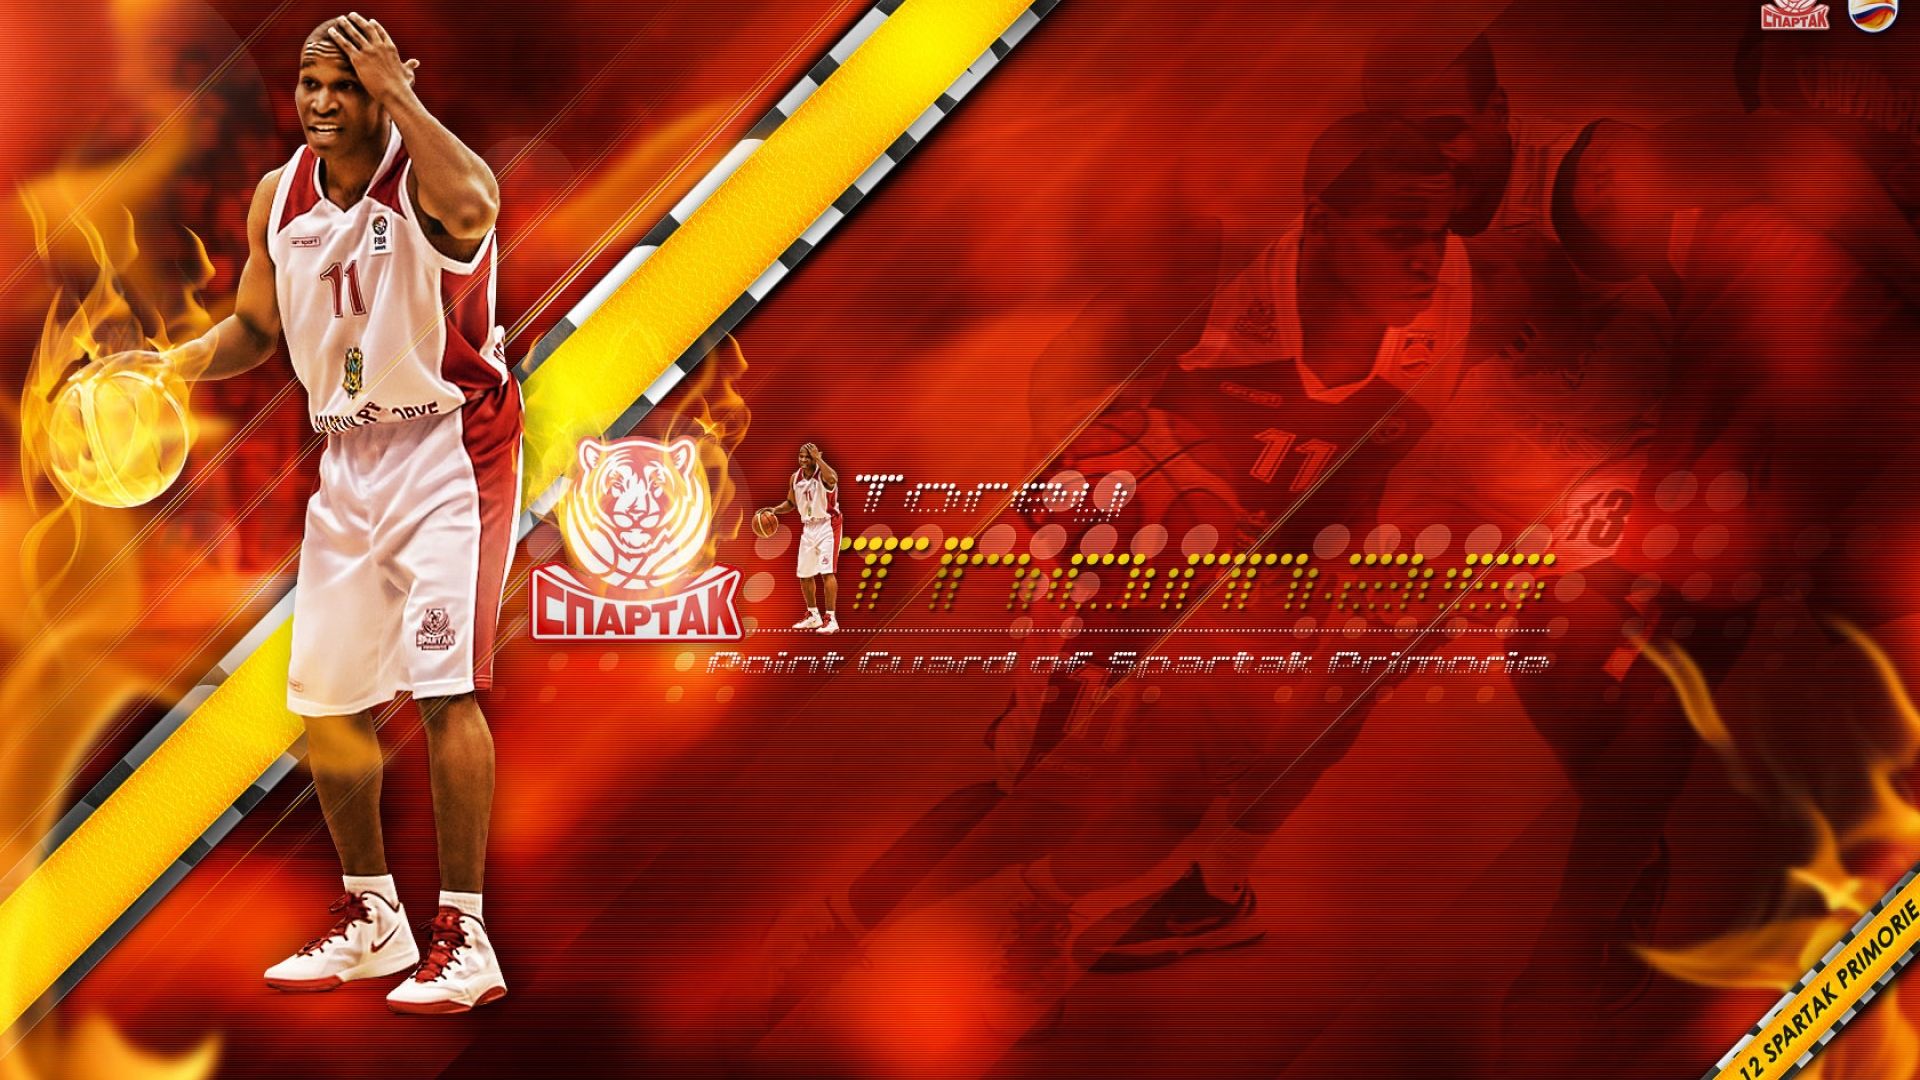 Torey Thomas Spartak Primorye NBA wallpaper